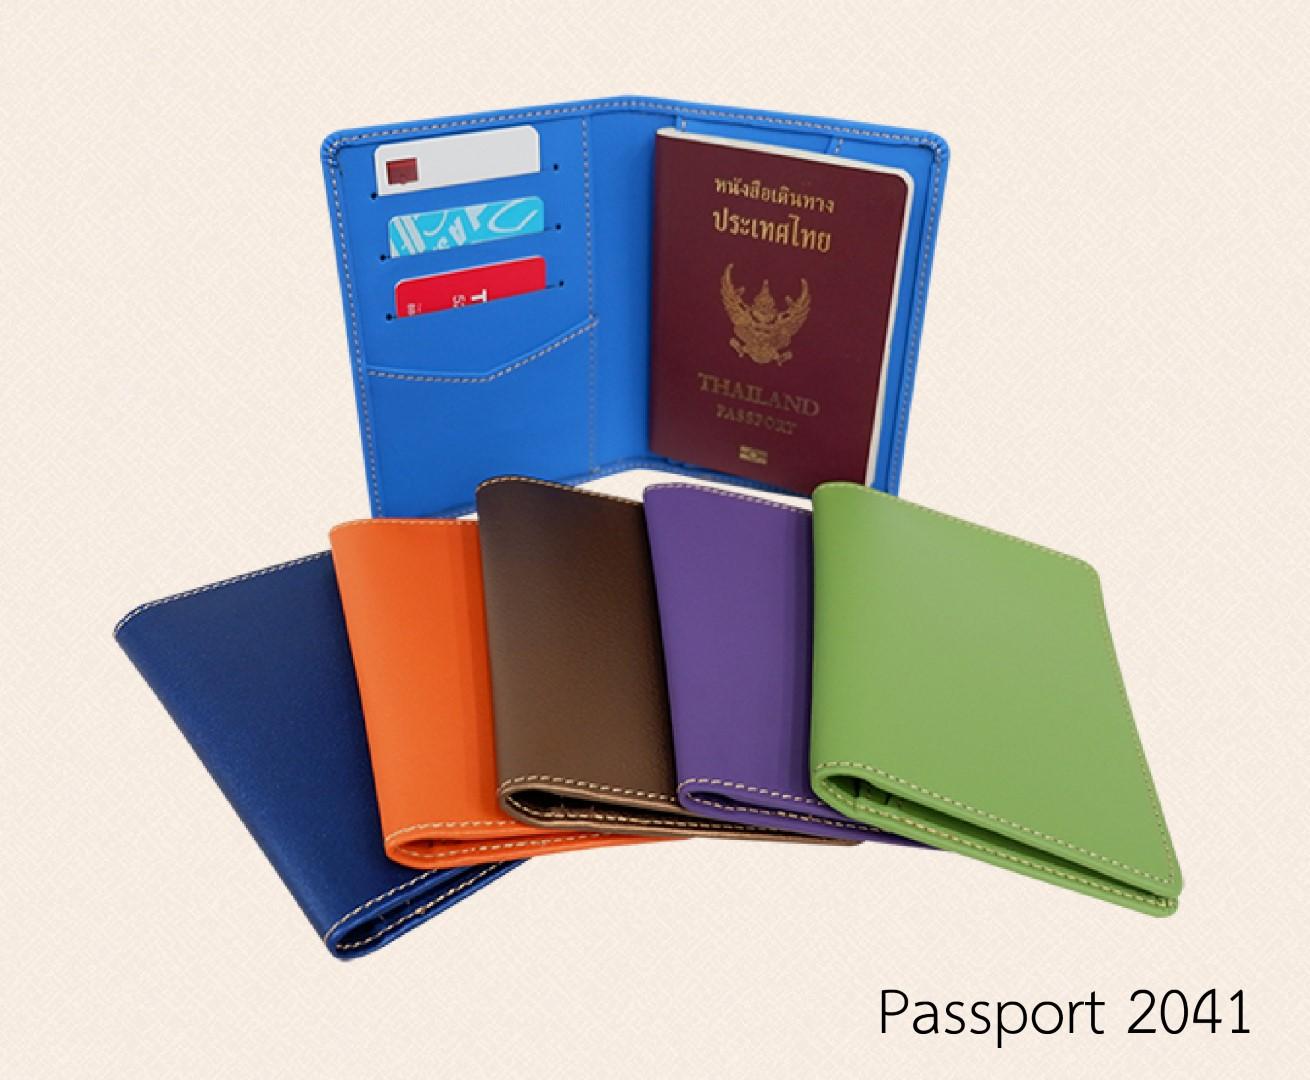 ปกพาสปอร์ต Passport holder 2041 (Large)